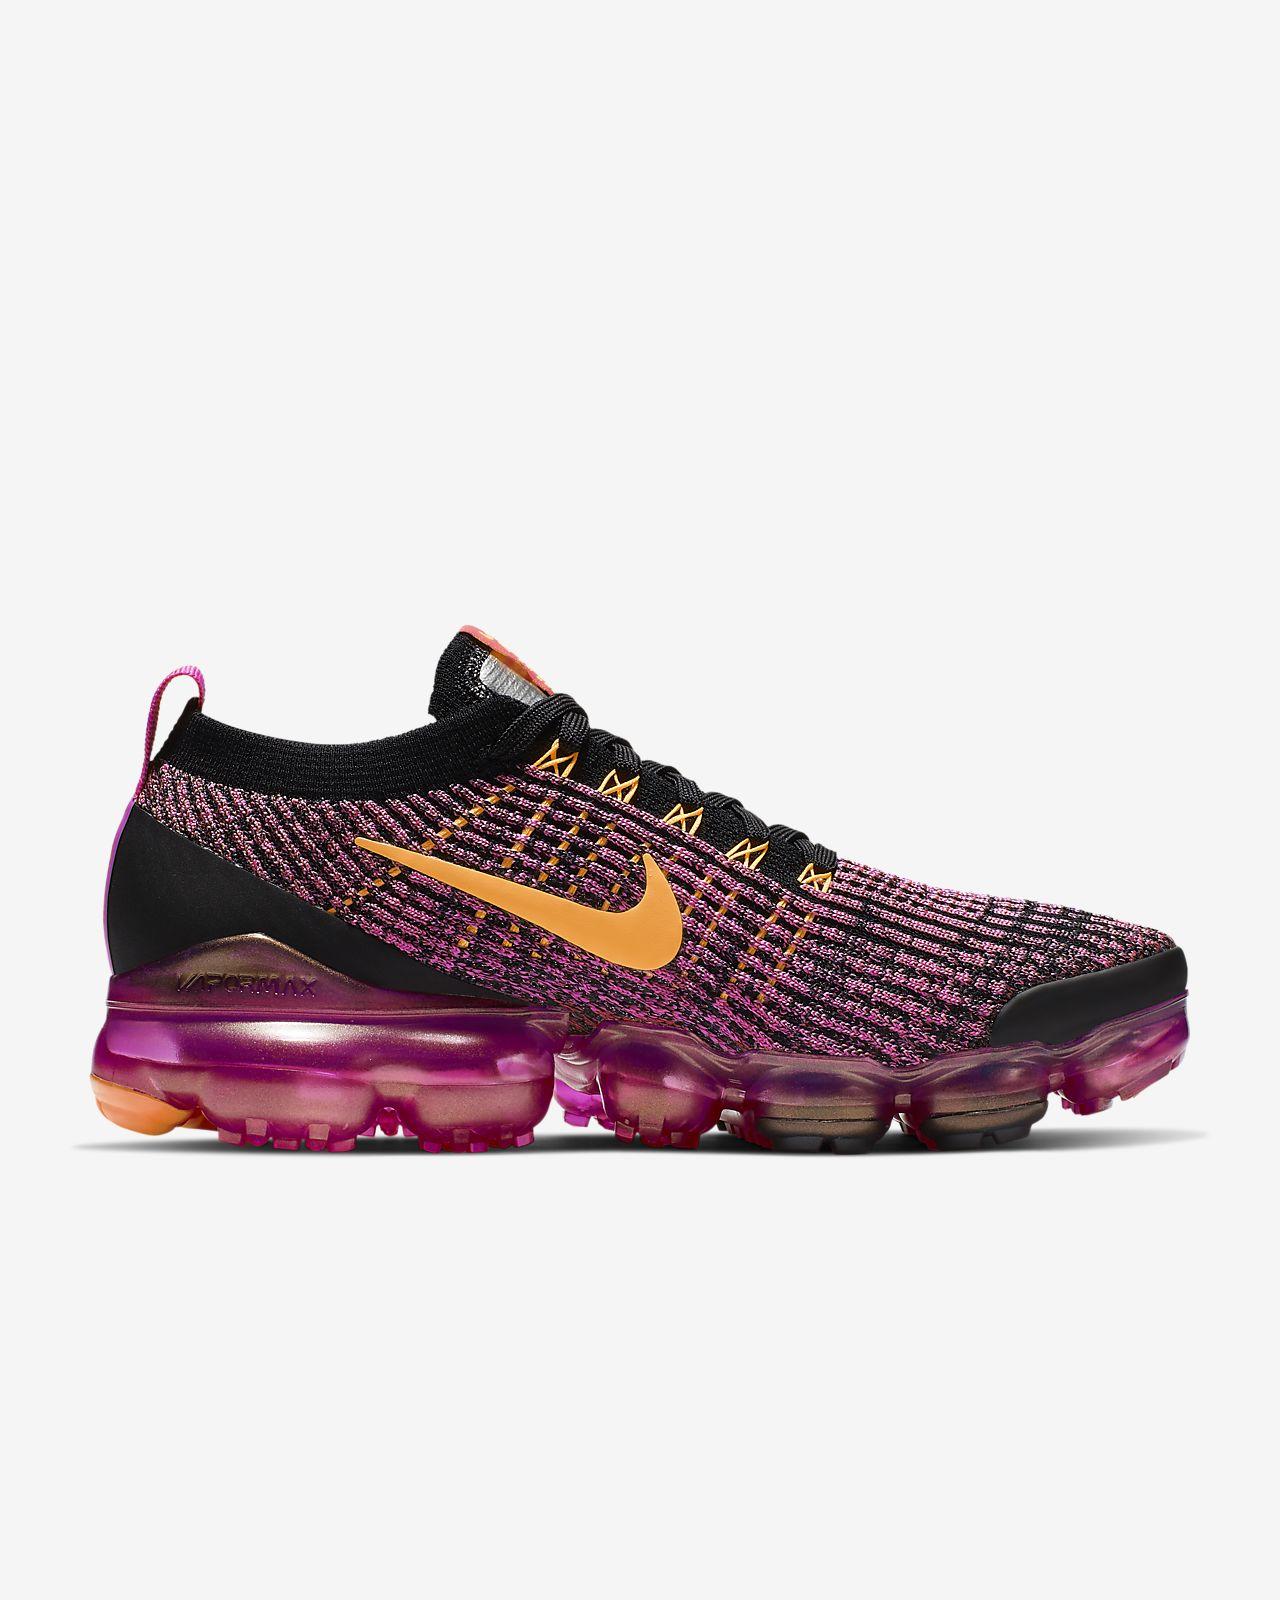 Womens Nike Air Vapormax Flyknit 3 Size 8.5 Running Shoes Fuschia AJ6910 600